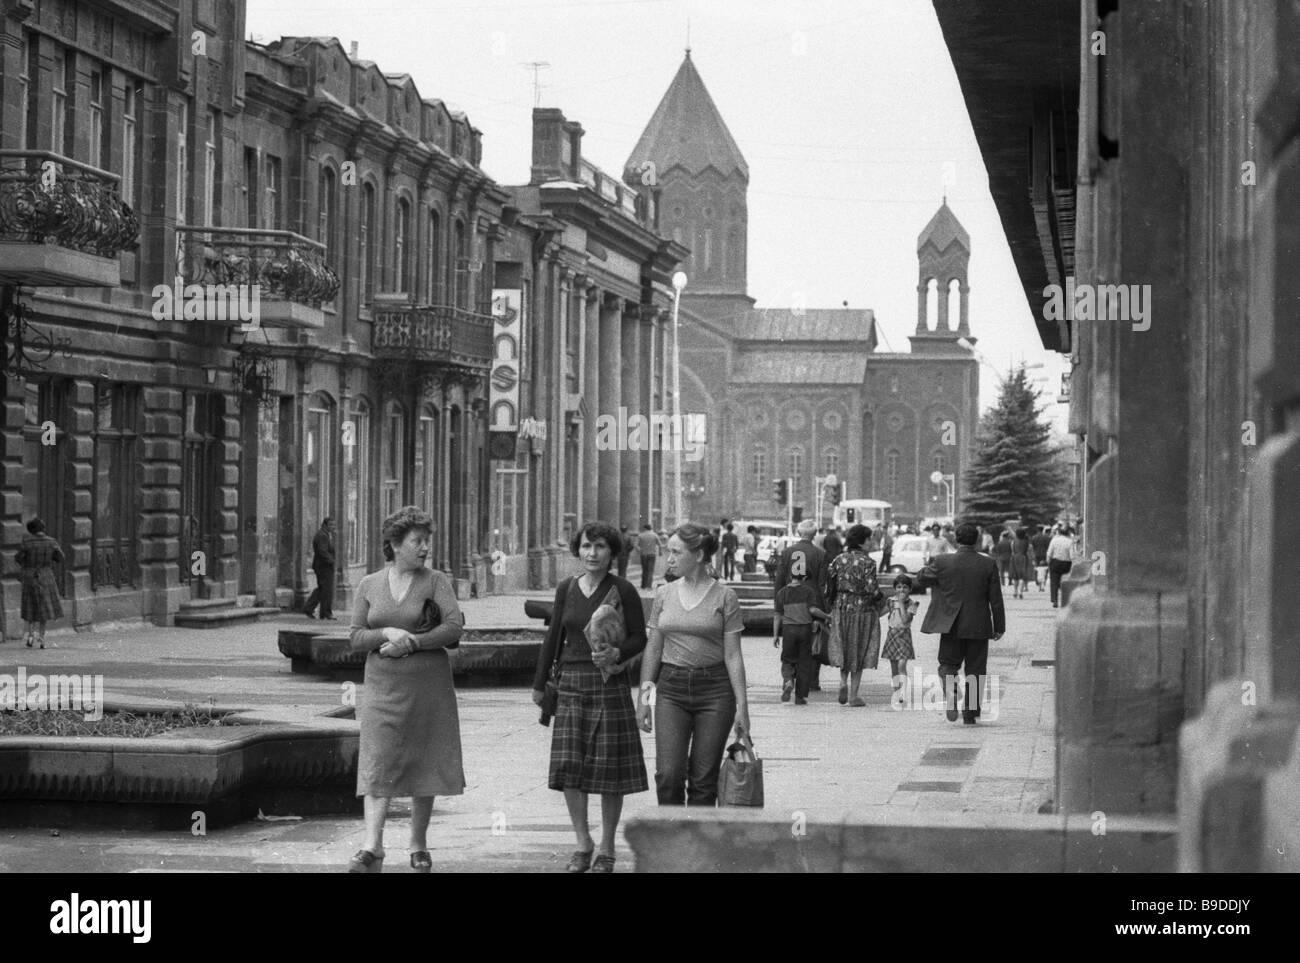 Una de las calles en el estado Kumayri preservar histórico y arquitectónico de la ciudad de Leninakan Imagen De Stock